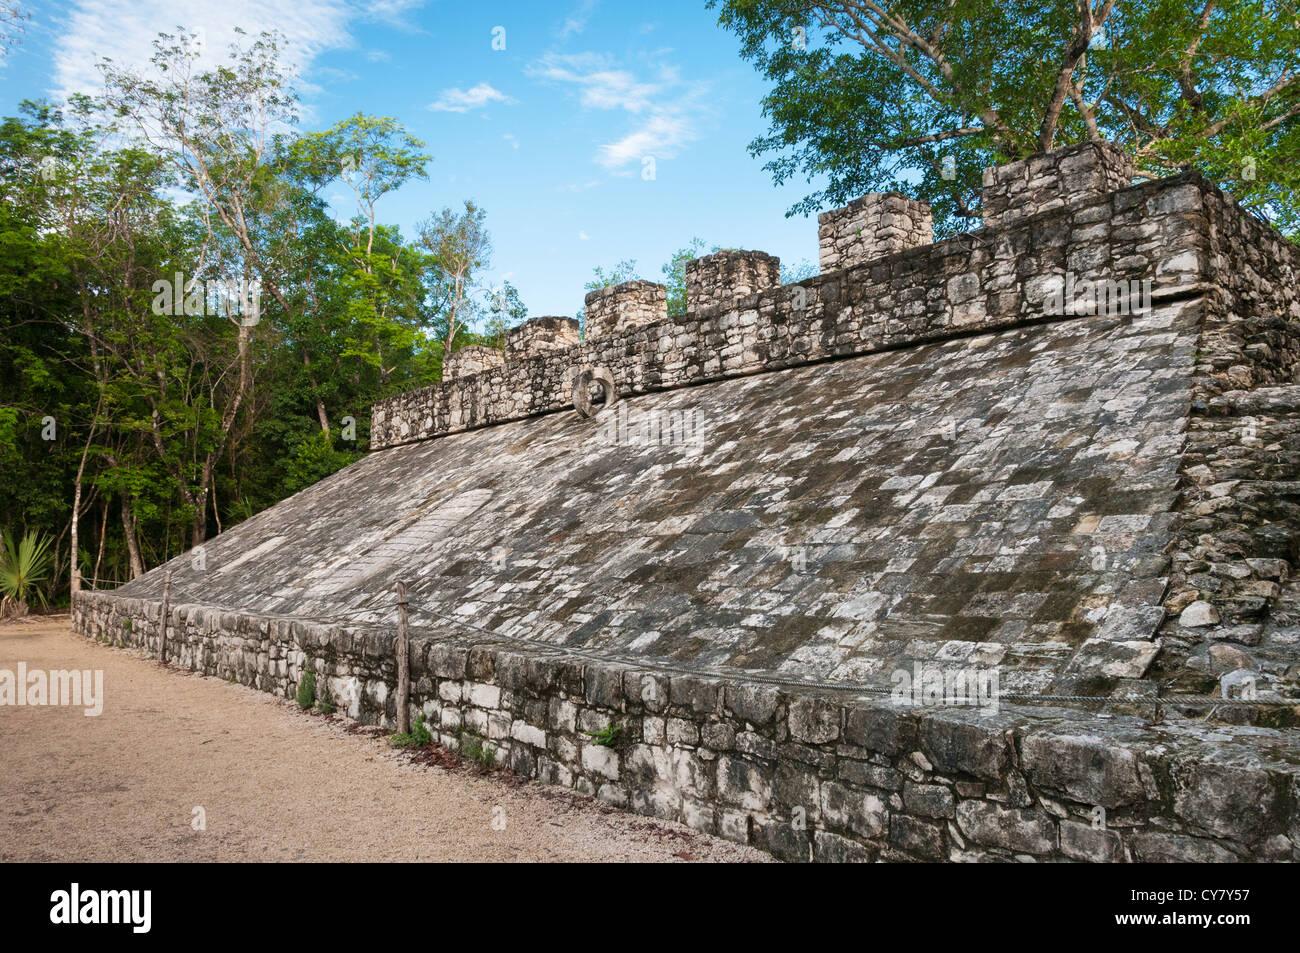 The ball court at Coba Mayan Ruins, Quintana Roo, Mexico. - Stock Image